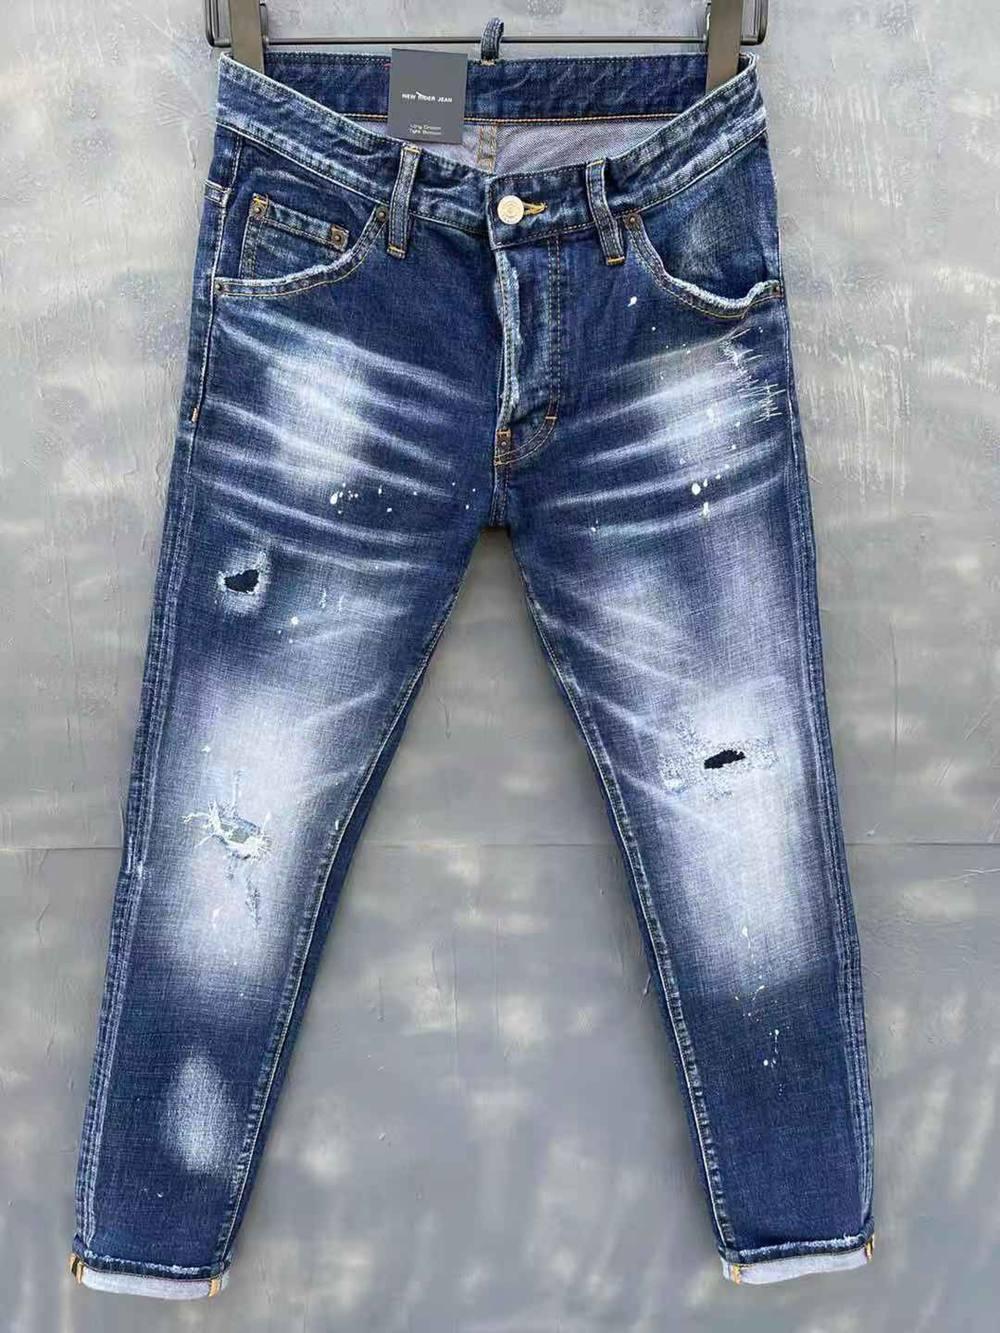 2021 Neue Marken Europäische und amerikanische Mode Herren Lässige Jeans, hochwertiges Waschen, reines Handschleifen, Qualitätsoptimierung LT9150